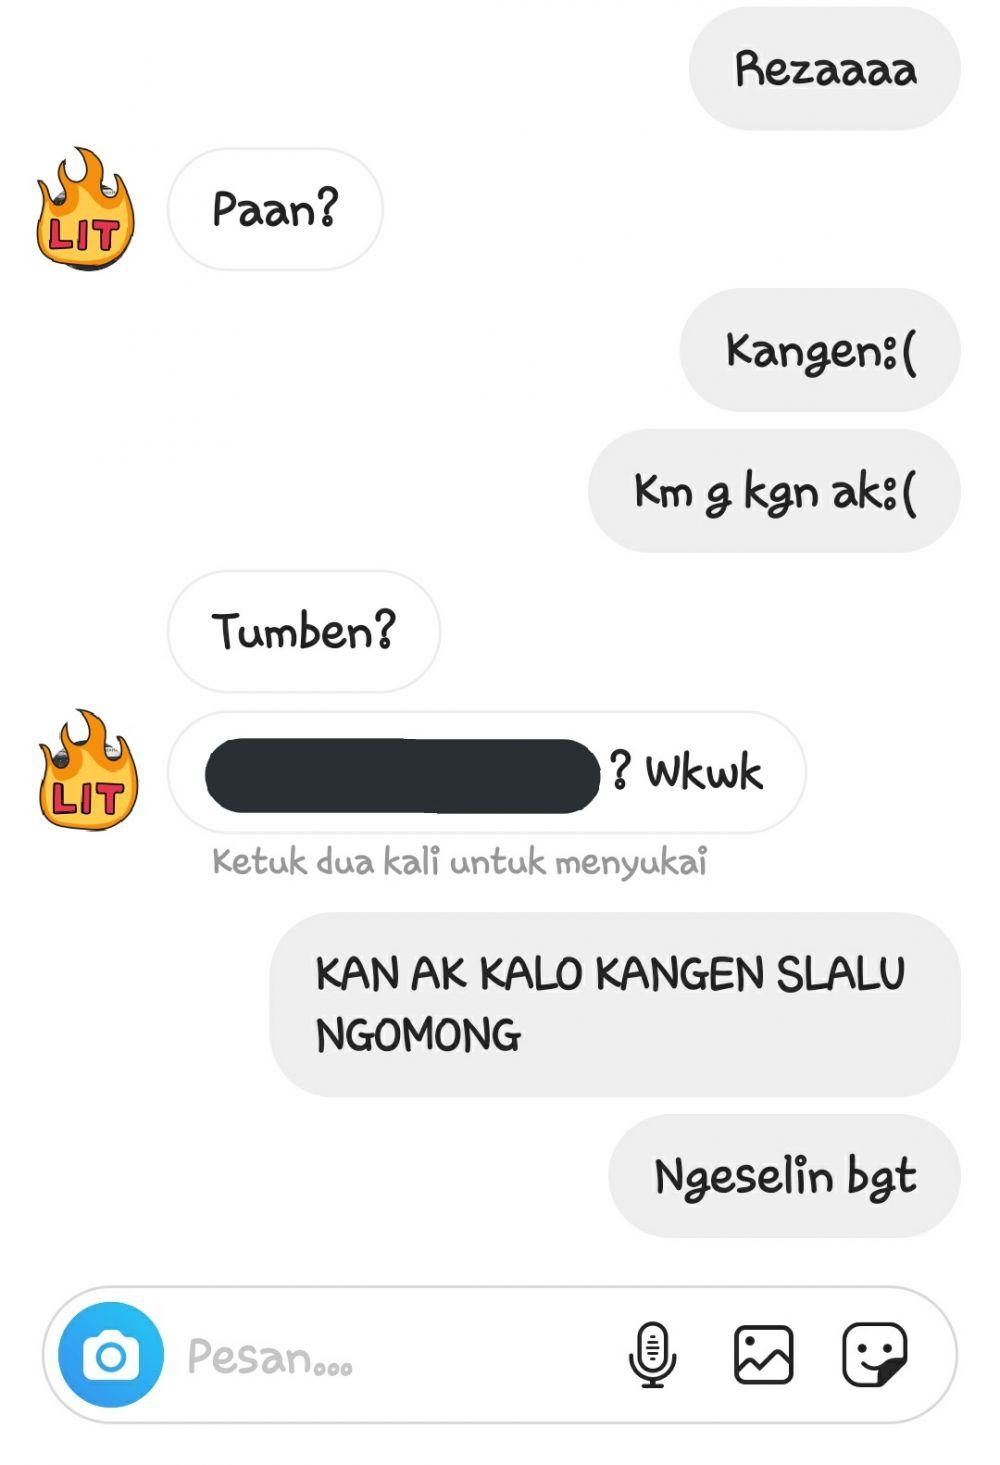 Chat bilang kangen ke mantan Instagram